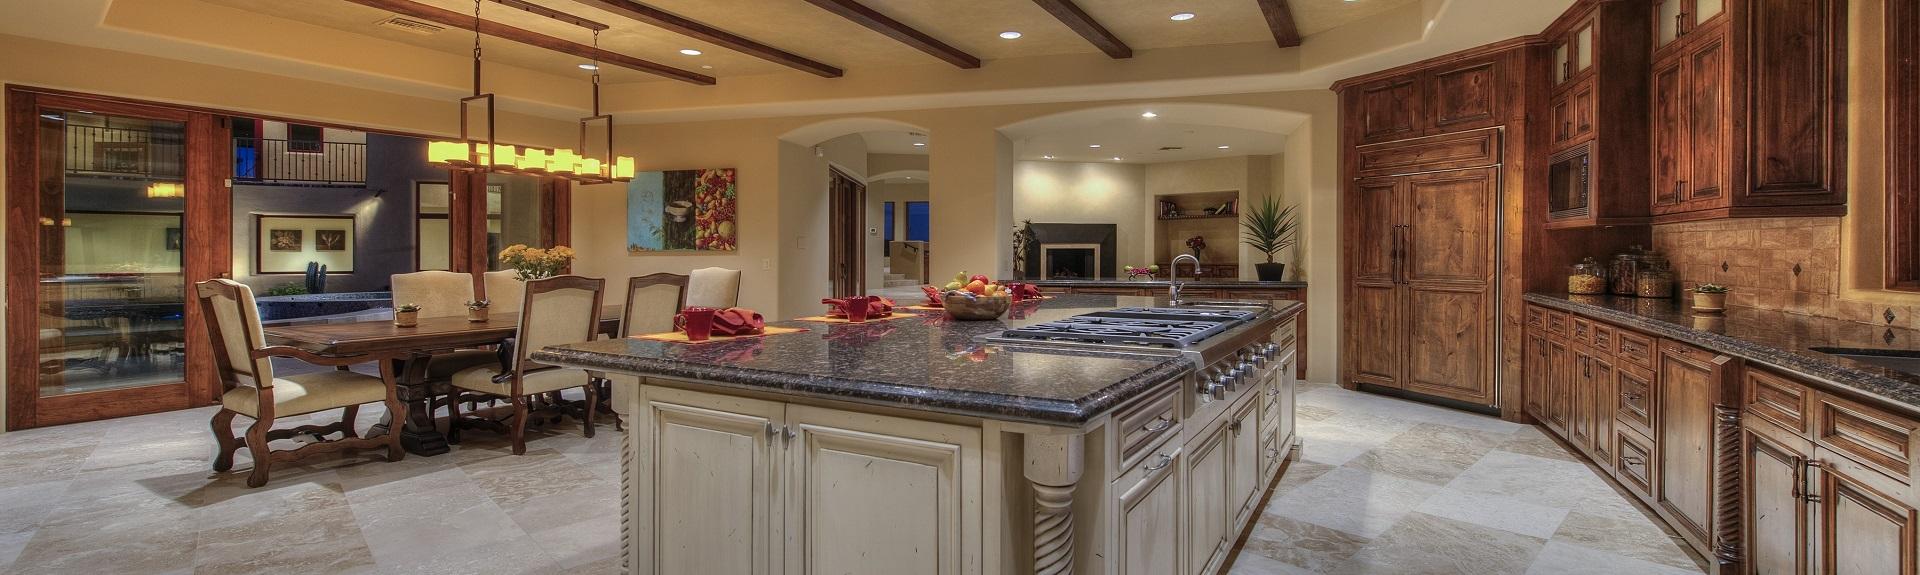 Scottsdale real estate luxurious kitchen